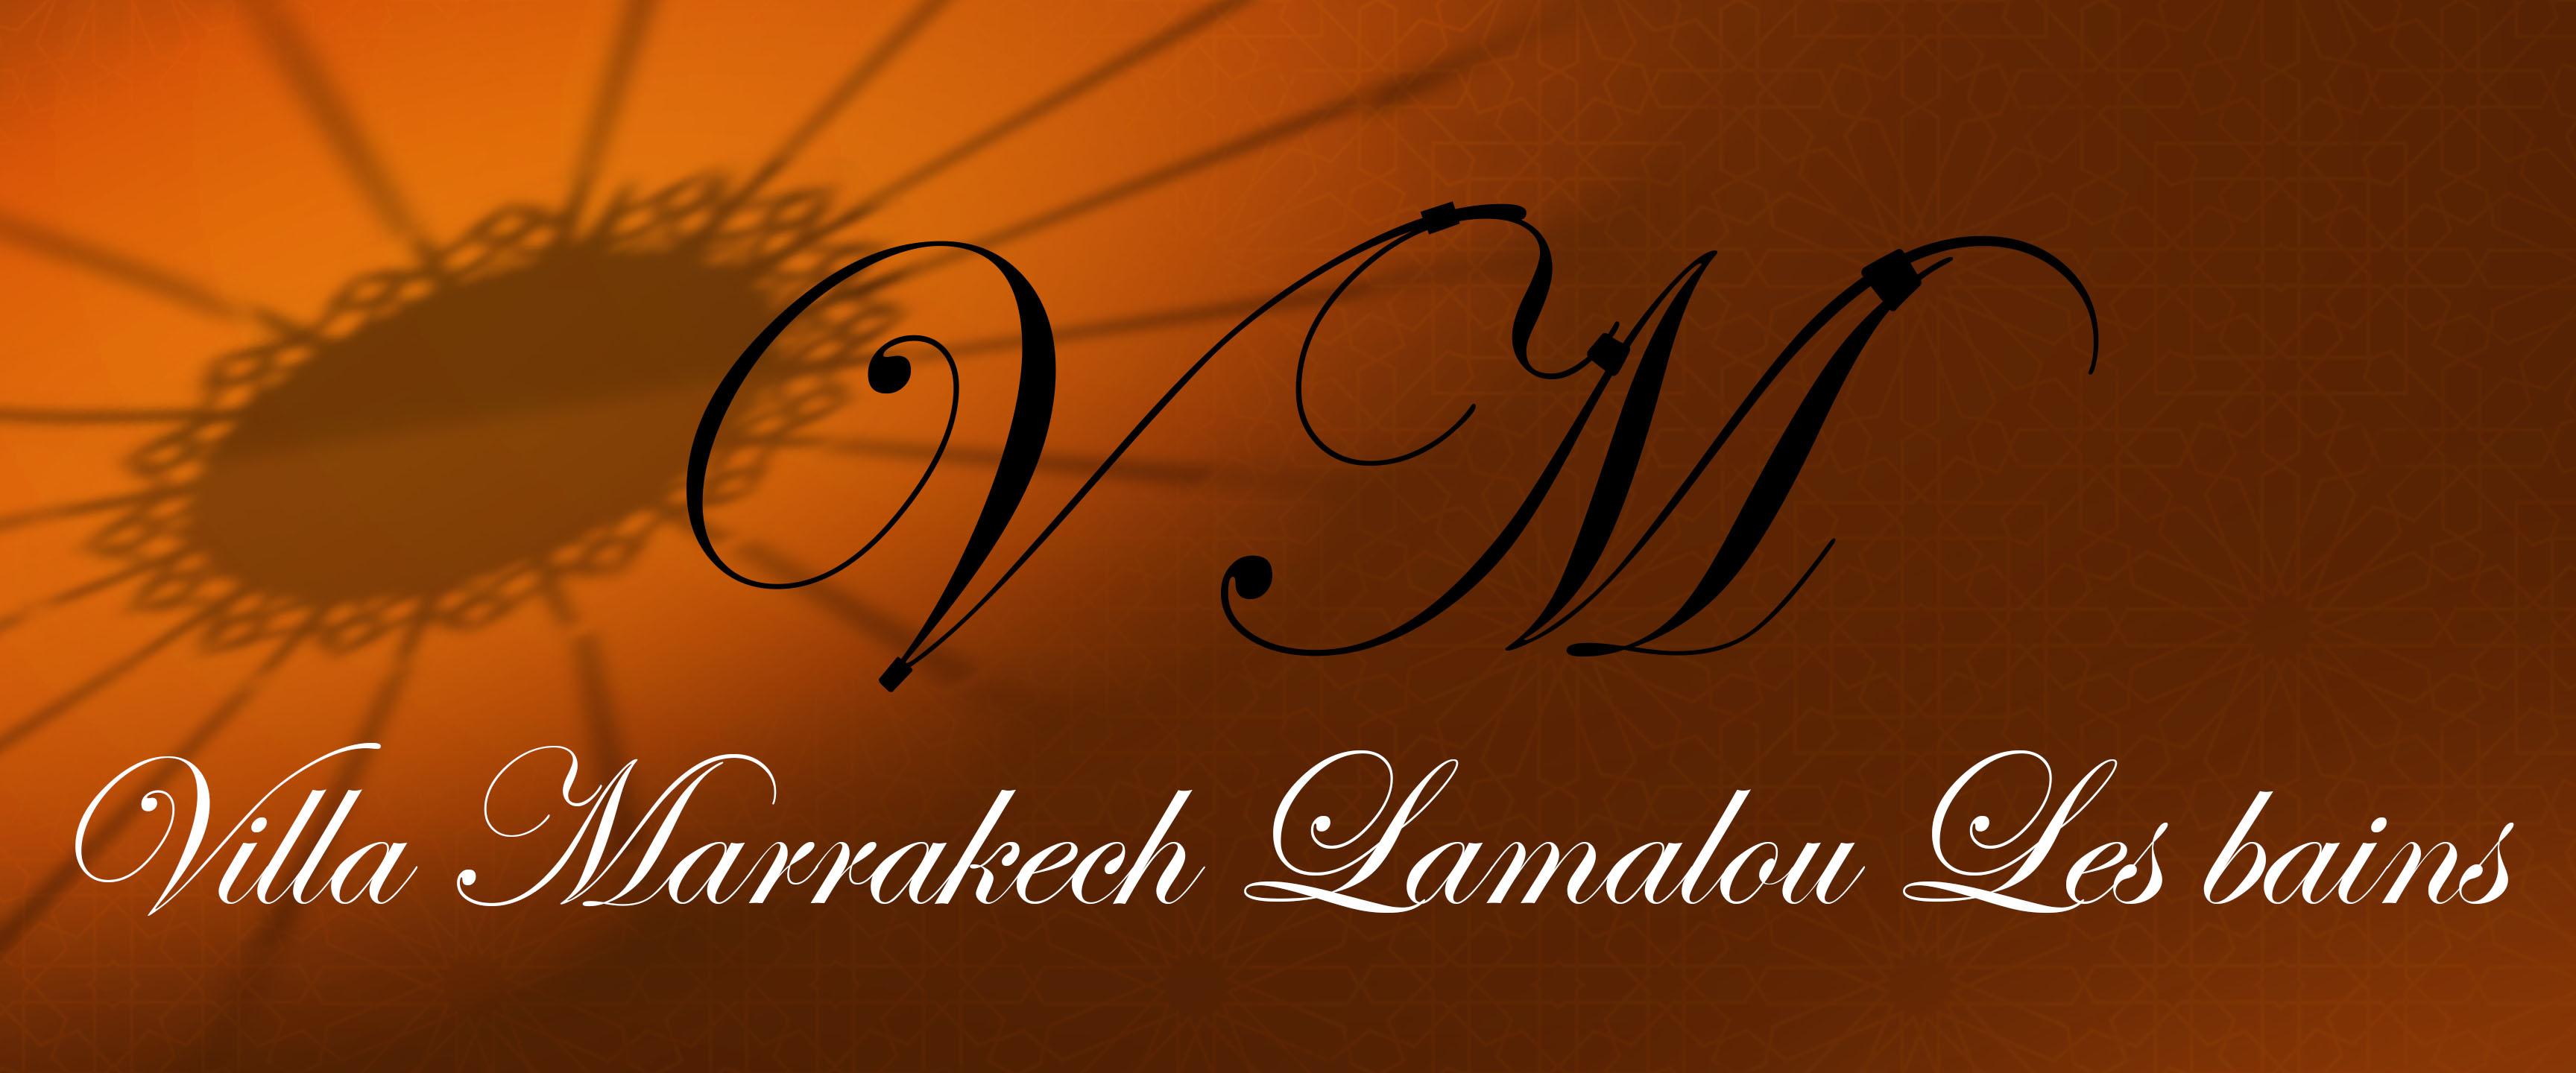 Locations, gites, cures, appartements, vacances, adaptés handicapés, PMR, à Lamalou les bains : VILLA MARRAKECH LAMALOU